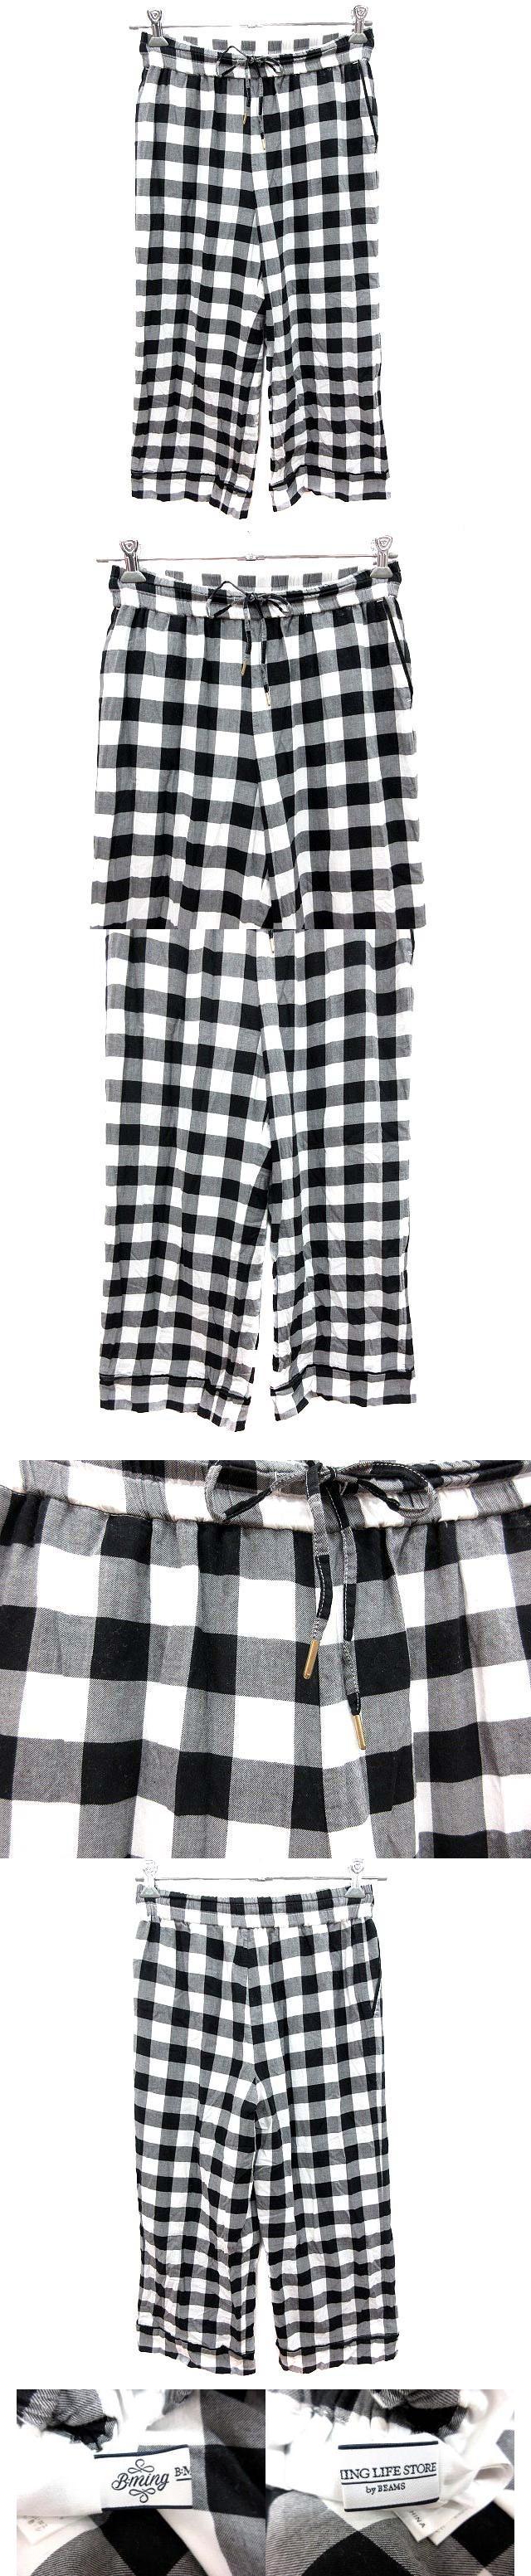 パンツ ストレート ギンガムチェック M 黒 ブラック 白 ホワイト /YK